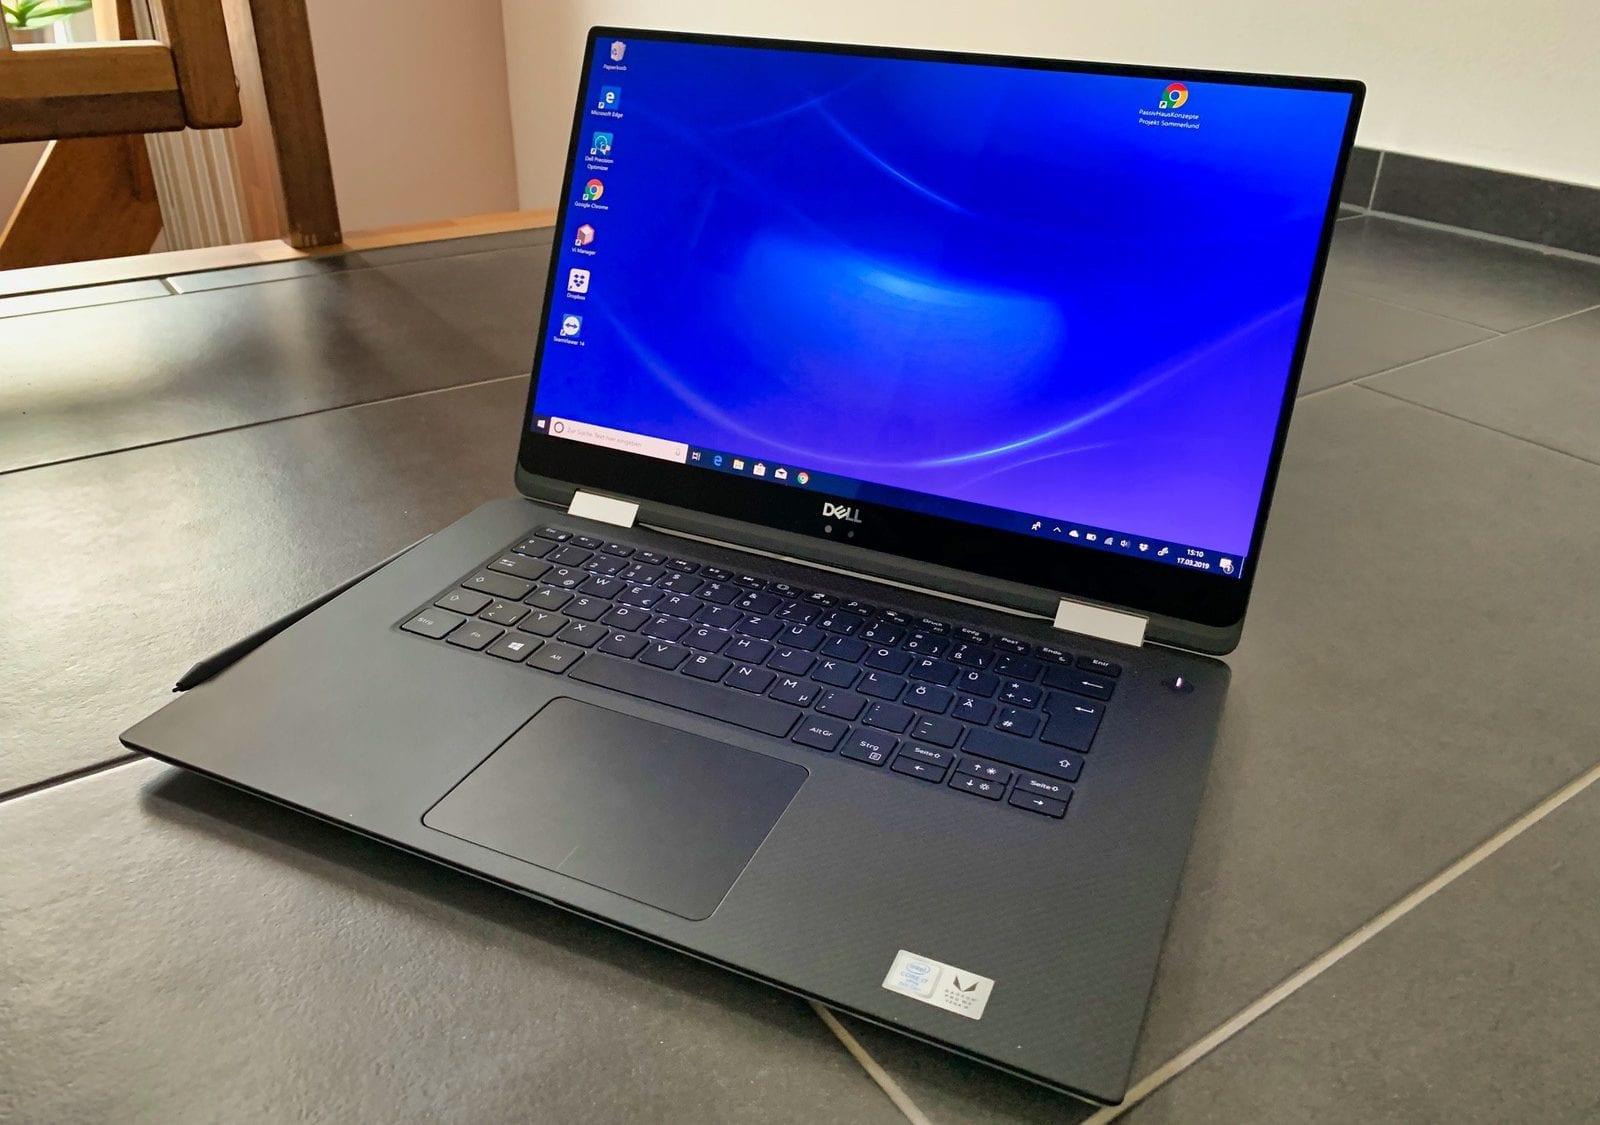 Dell 5530 2-in-1